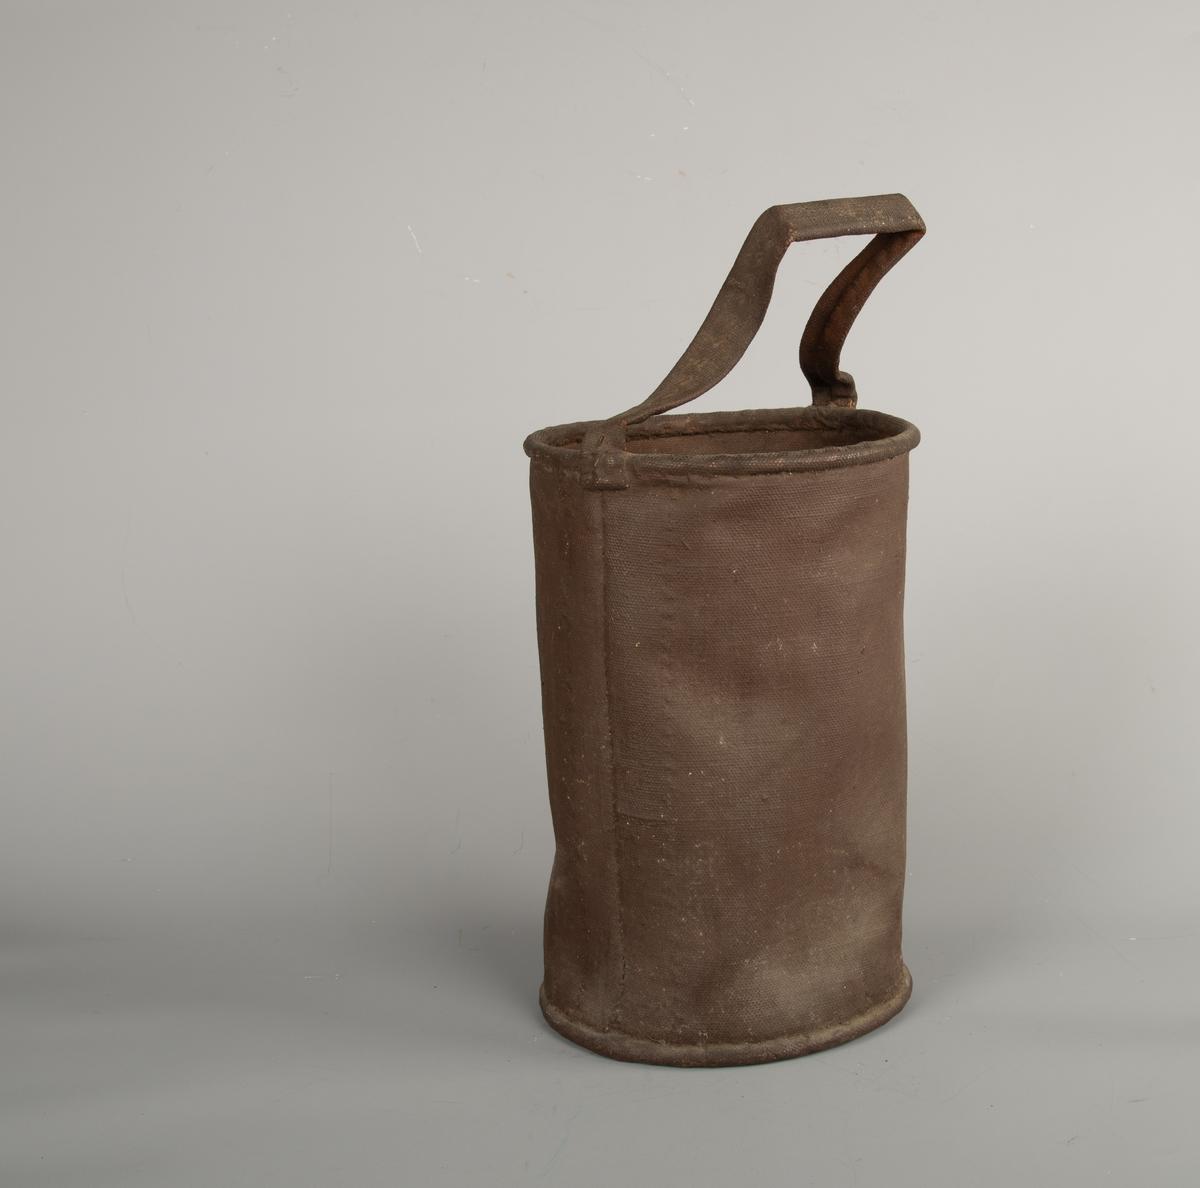 Sylindriske brannspann av brunmalt seilduk,  jernring oppe og nede, hank av seilduk.